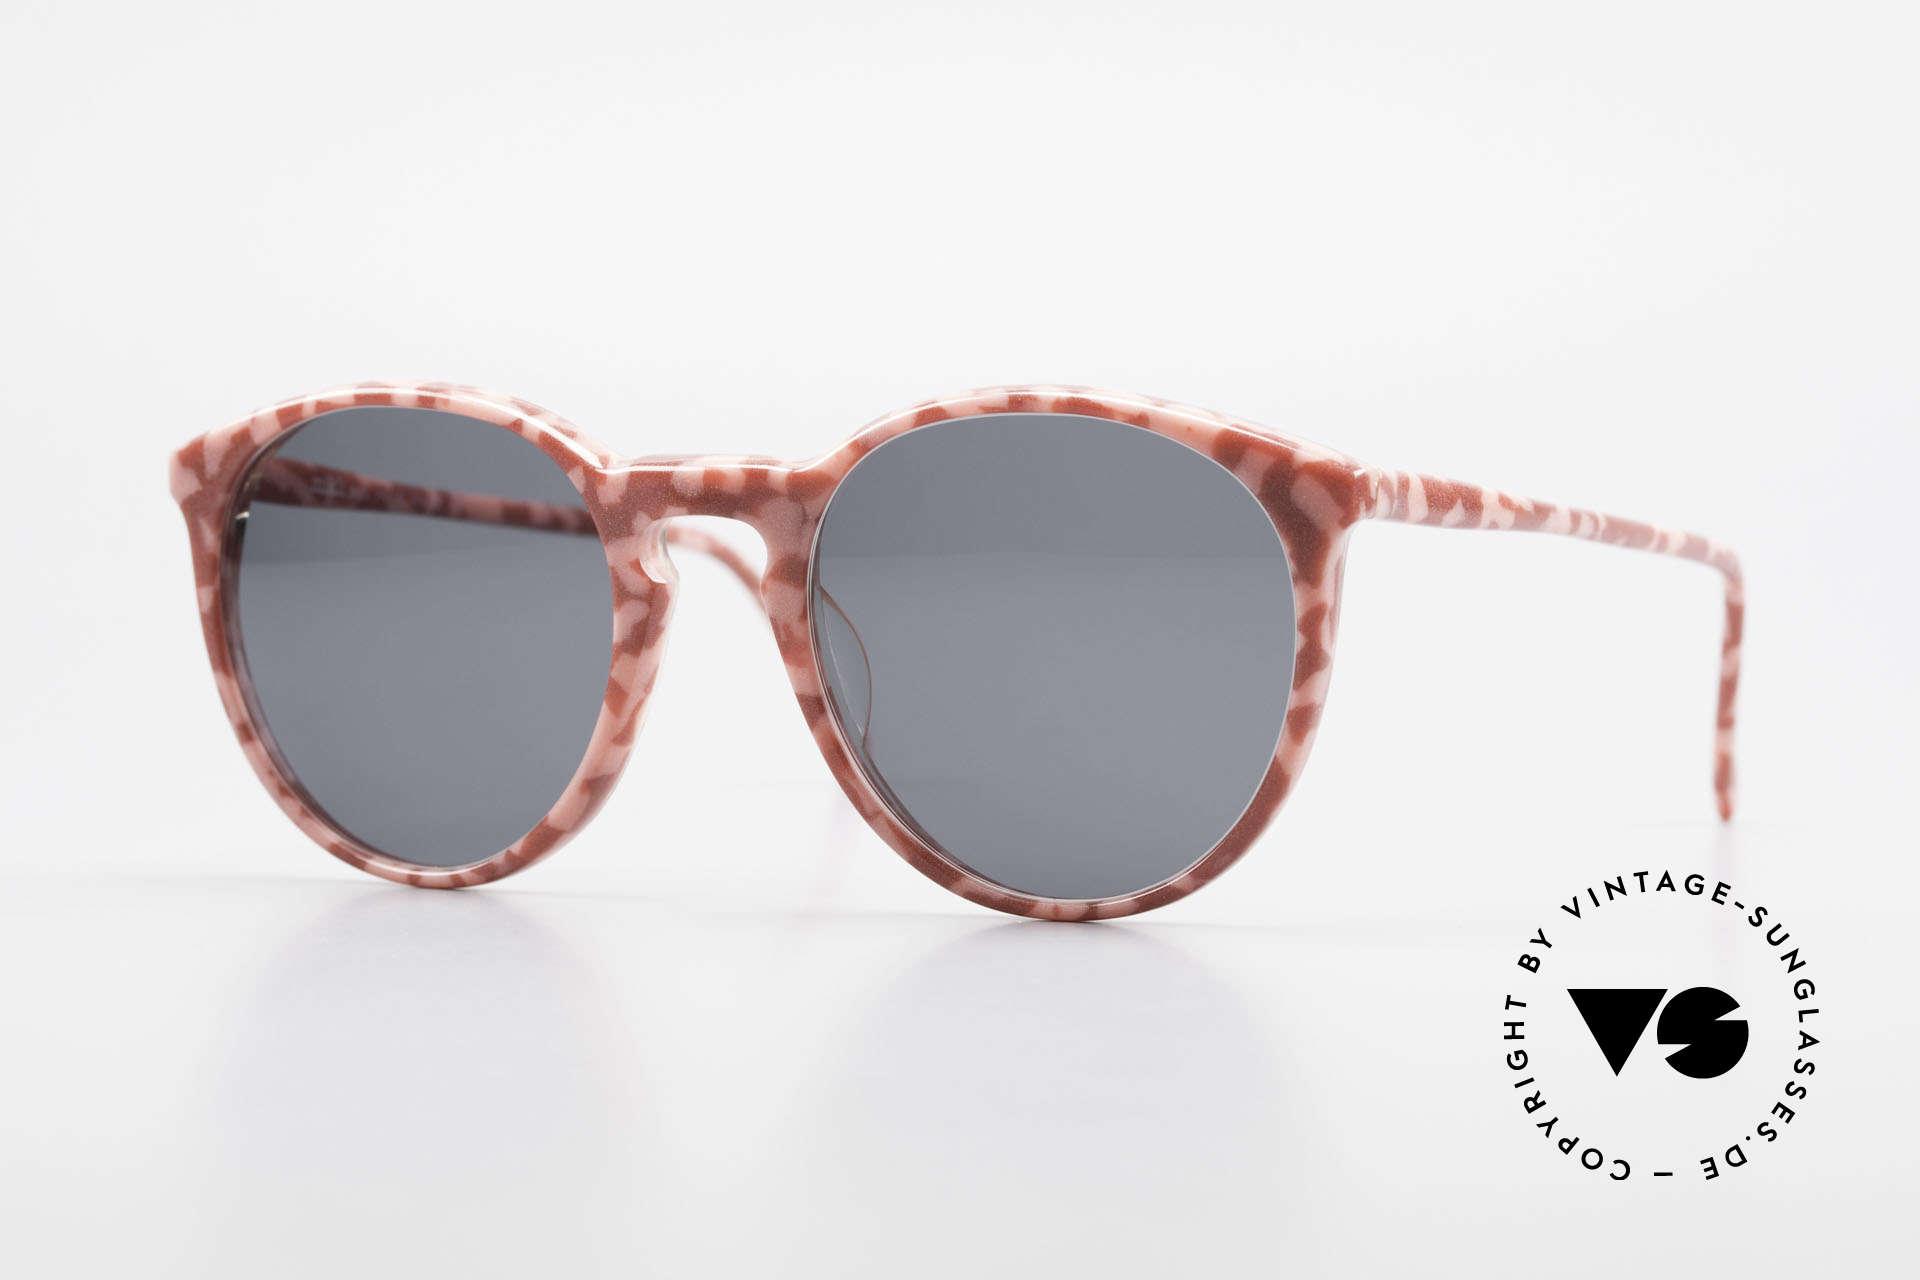 Alain Mikli 901 / 172 Panto Frame Red Pink Marbled, elegant VINTAGE Alain Mikli designer sunglasses, Made for Women